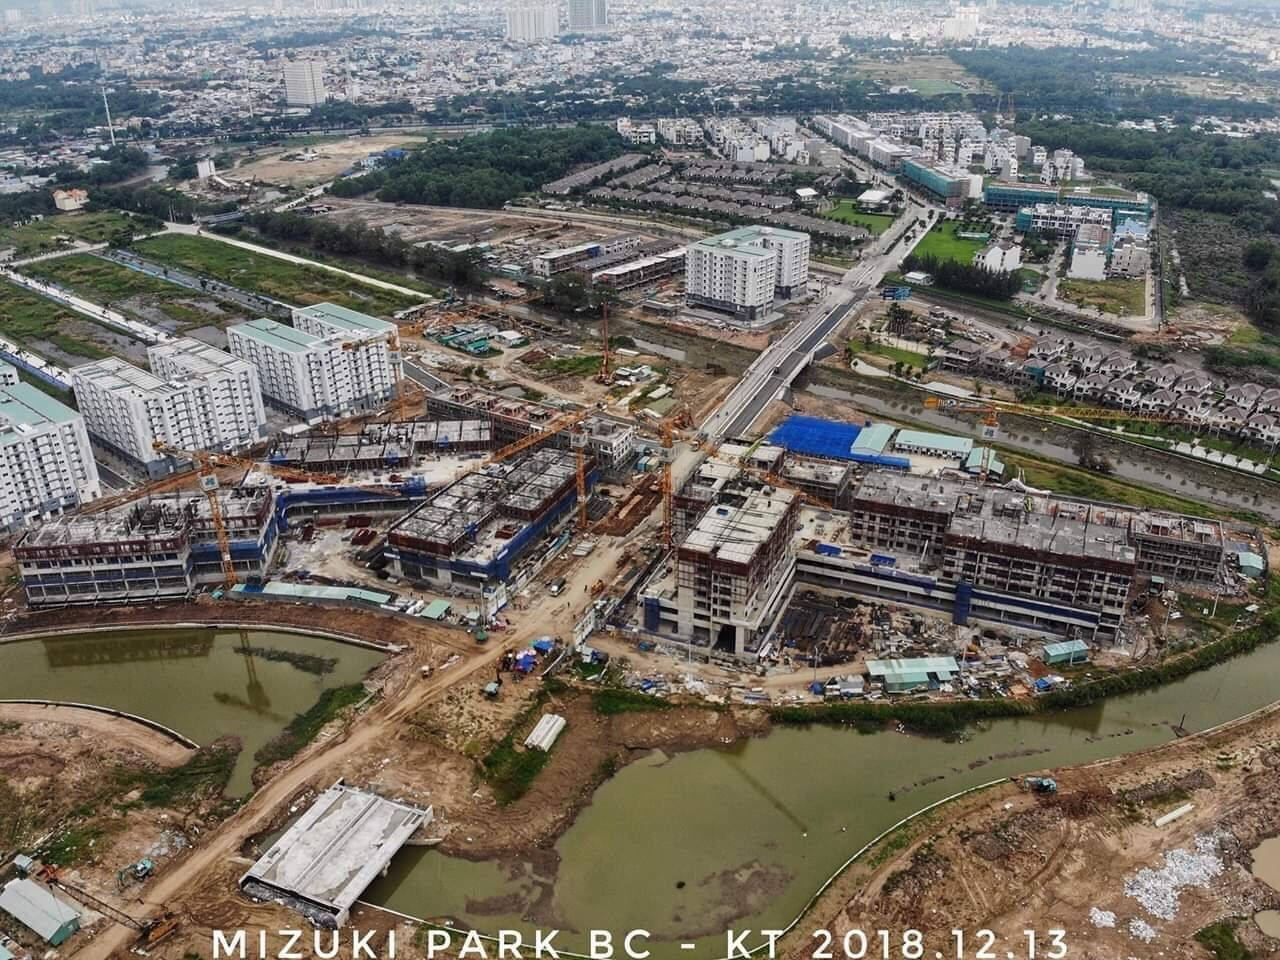 Khu đô thị Mizuki Park Bình Chánh được tập Nam Long triển khai trong năm 2017. Dự án được mở bán trong năm 2017 và 2018. Giai đoạn 2 dự kiến triển khai trong năm 2019